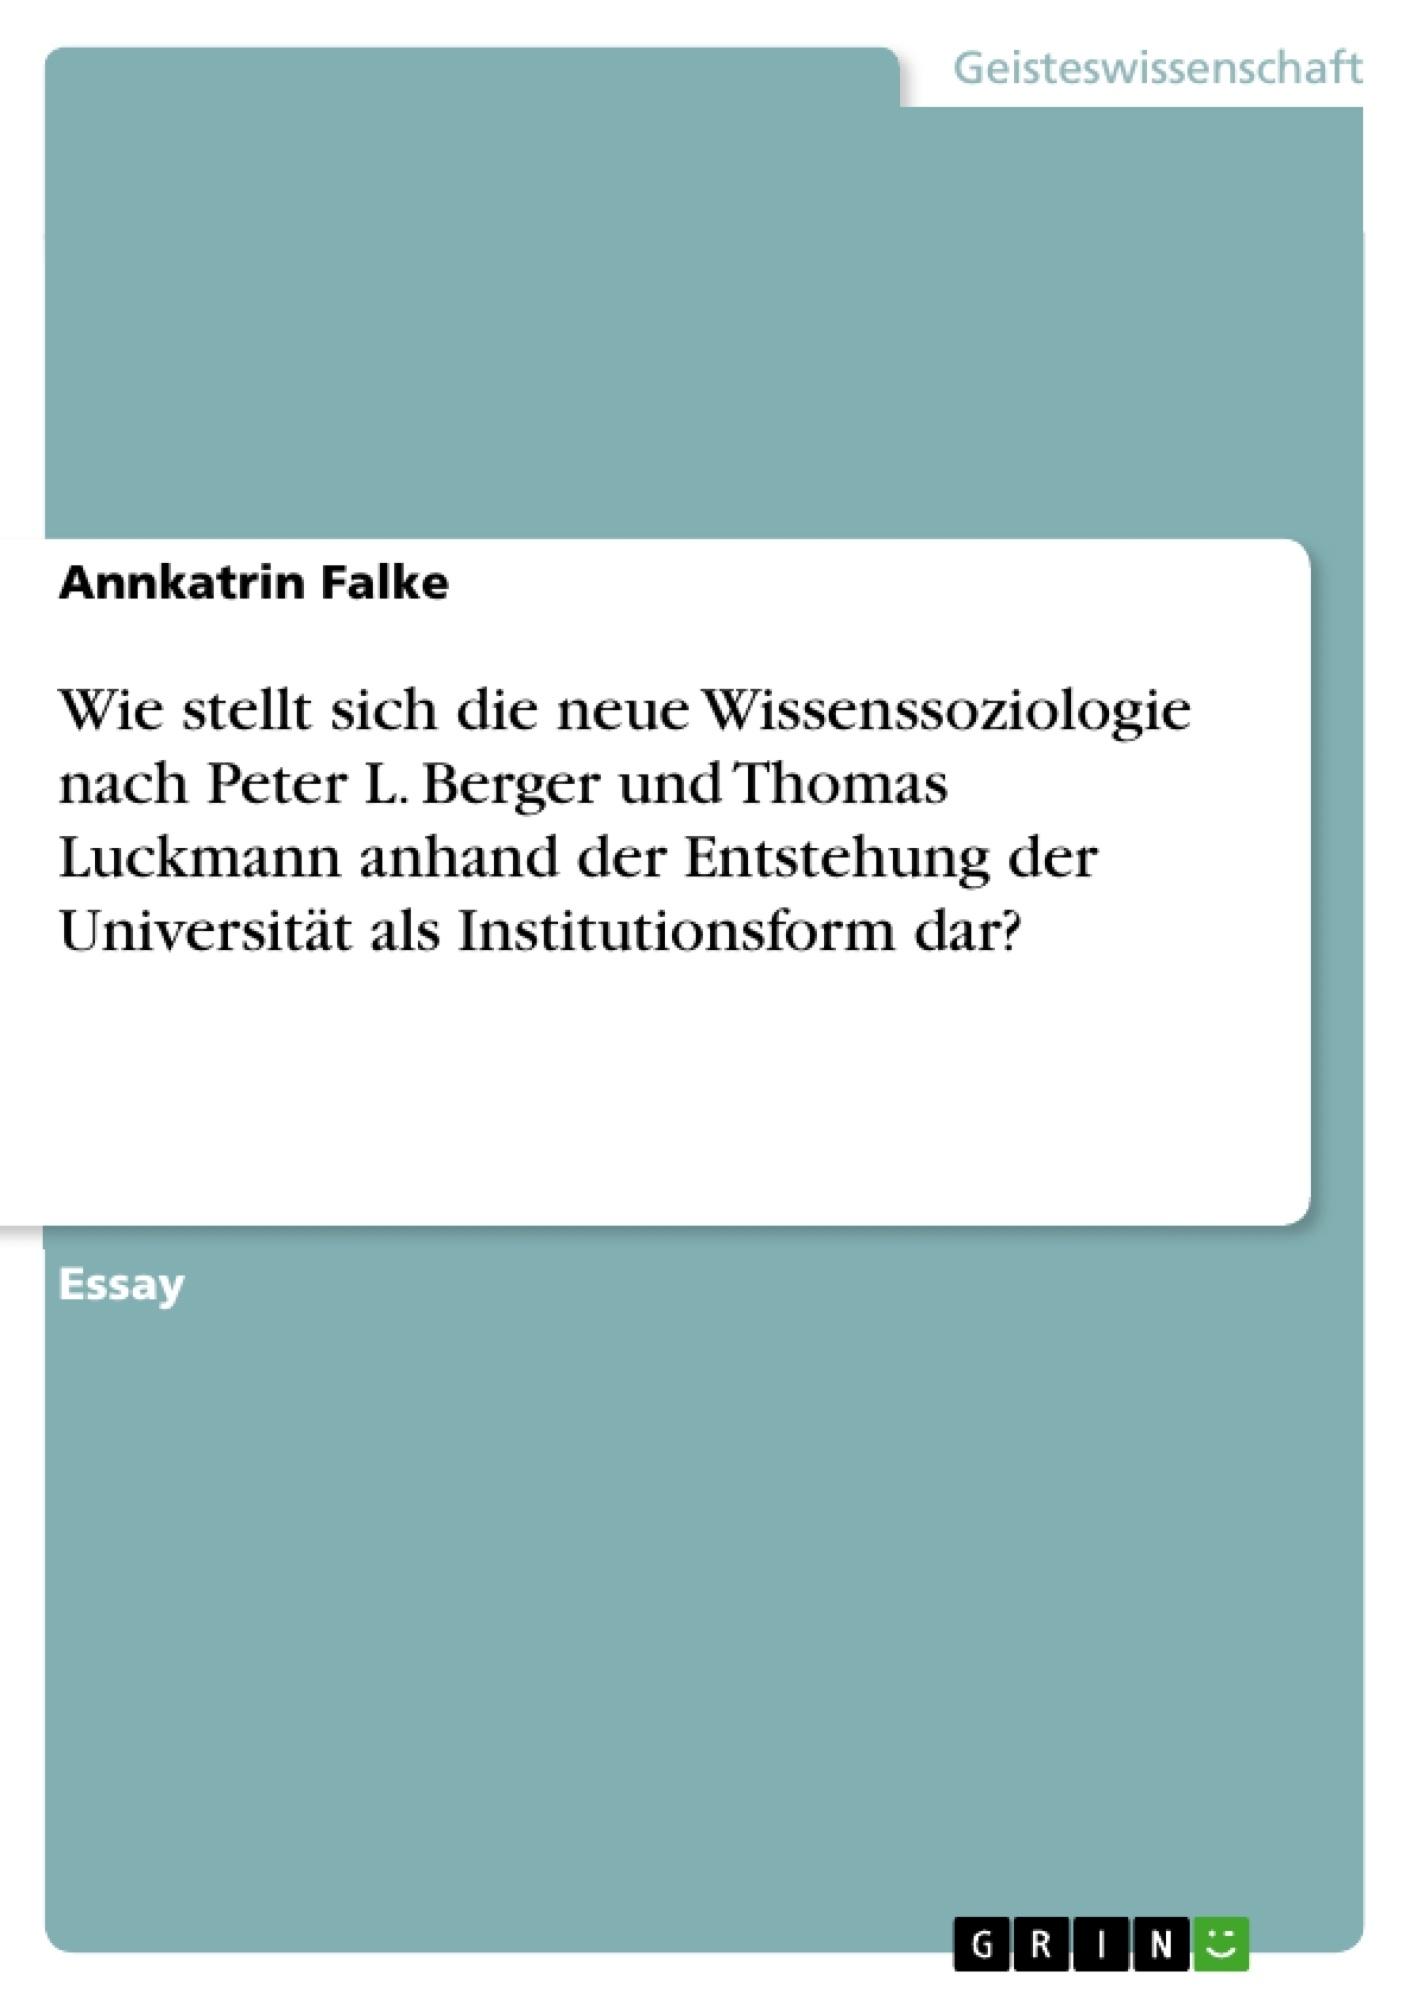 Titel: Wie stellt sich die neue Wissenssoziologie nach Peter L. Berger und Thomas Luckmann anhand der Entstehung der Universität als Institutionsform dar?